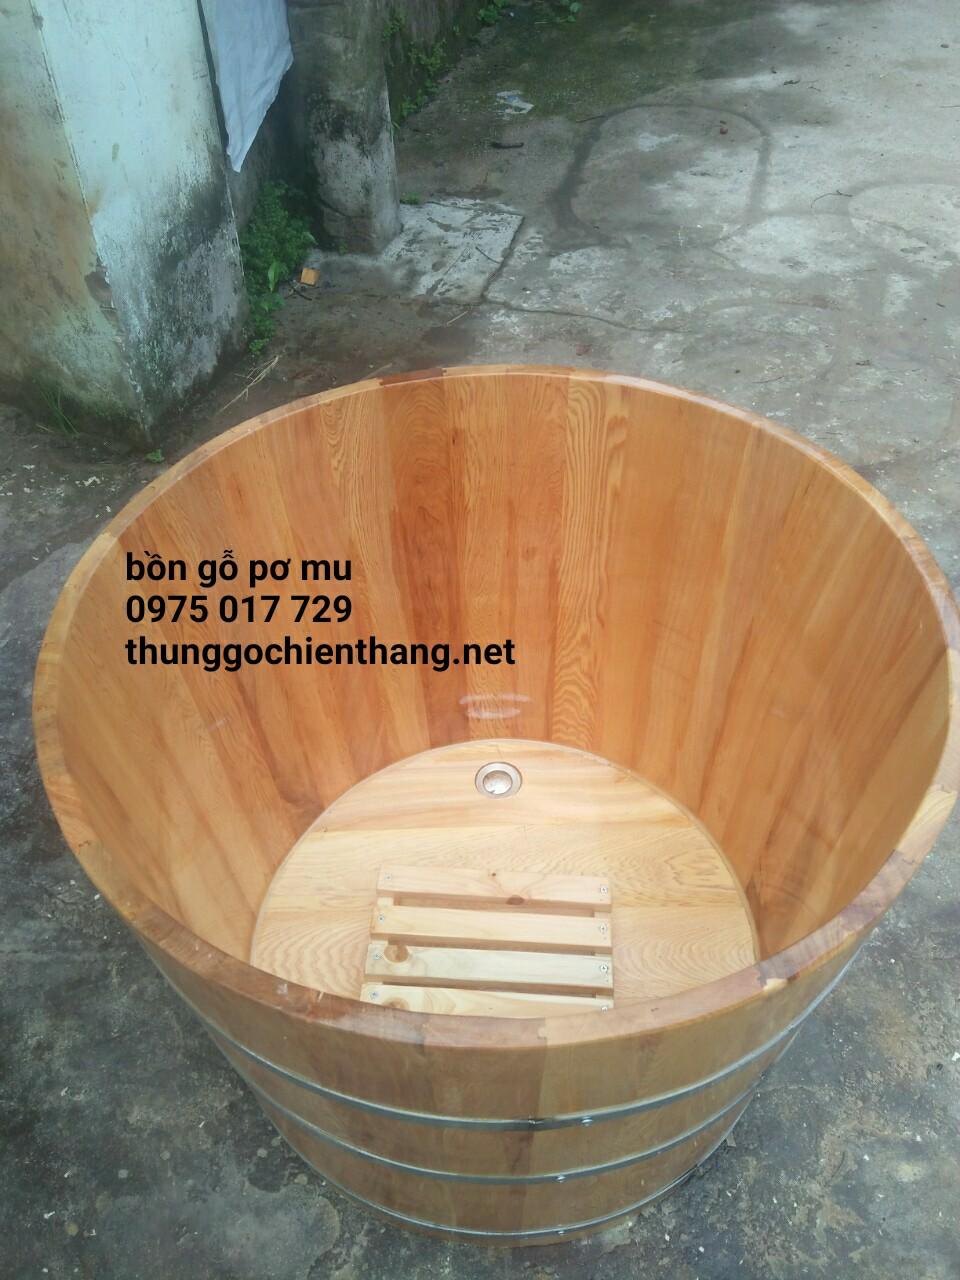 Bồn tắm gỗ pơ mu cao cấp dáng tròn